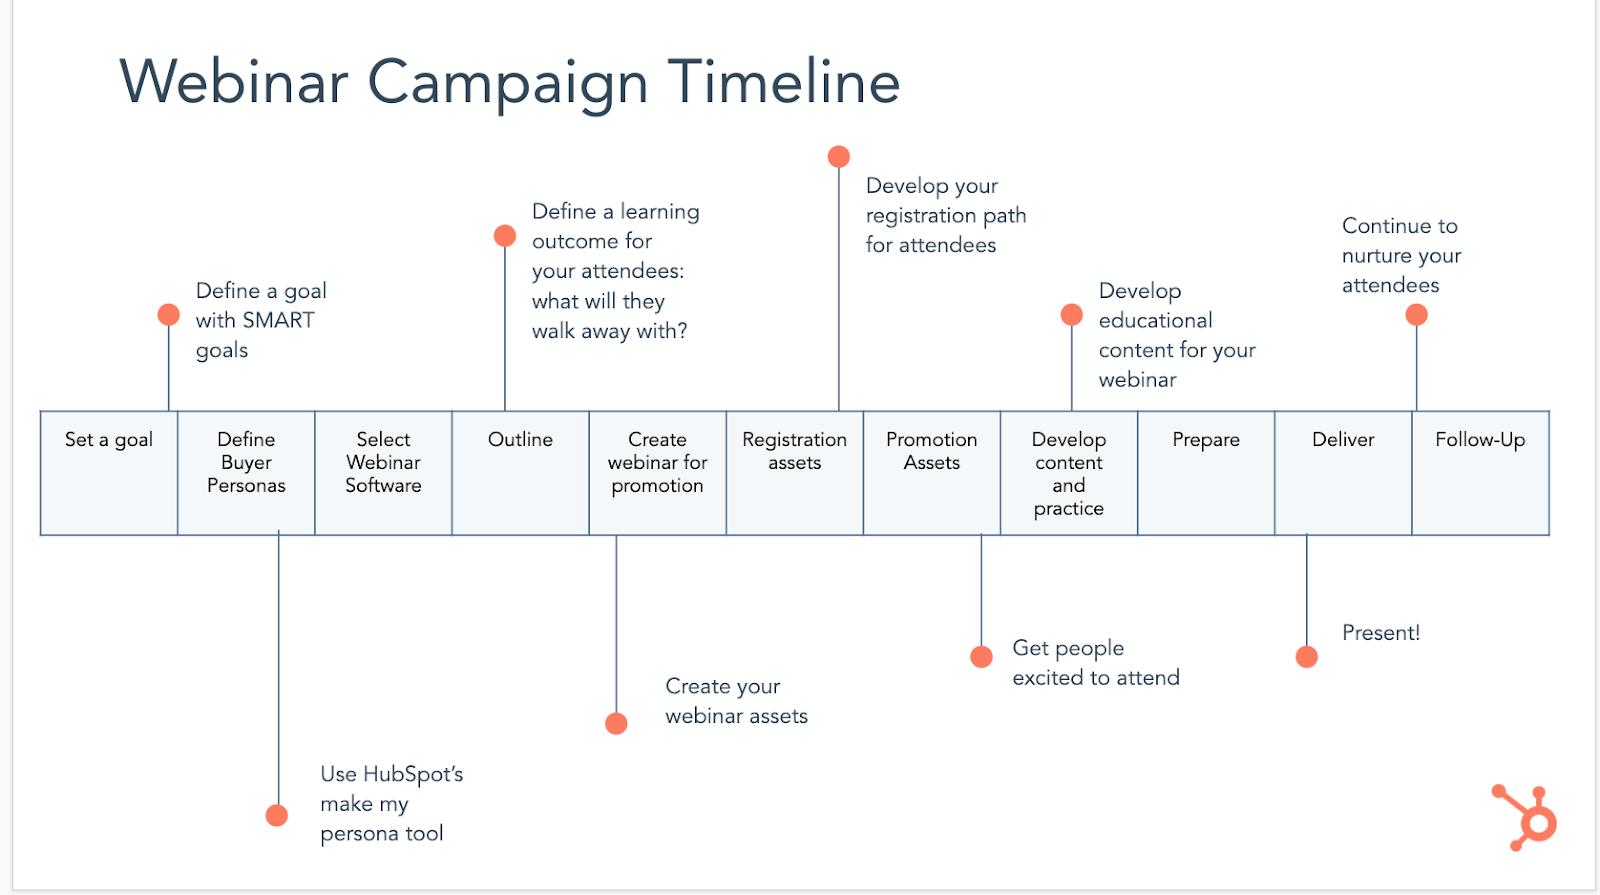 webinar campaign timeline